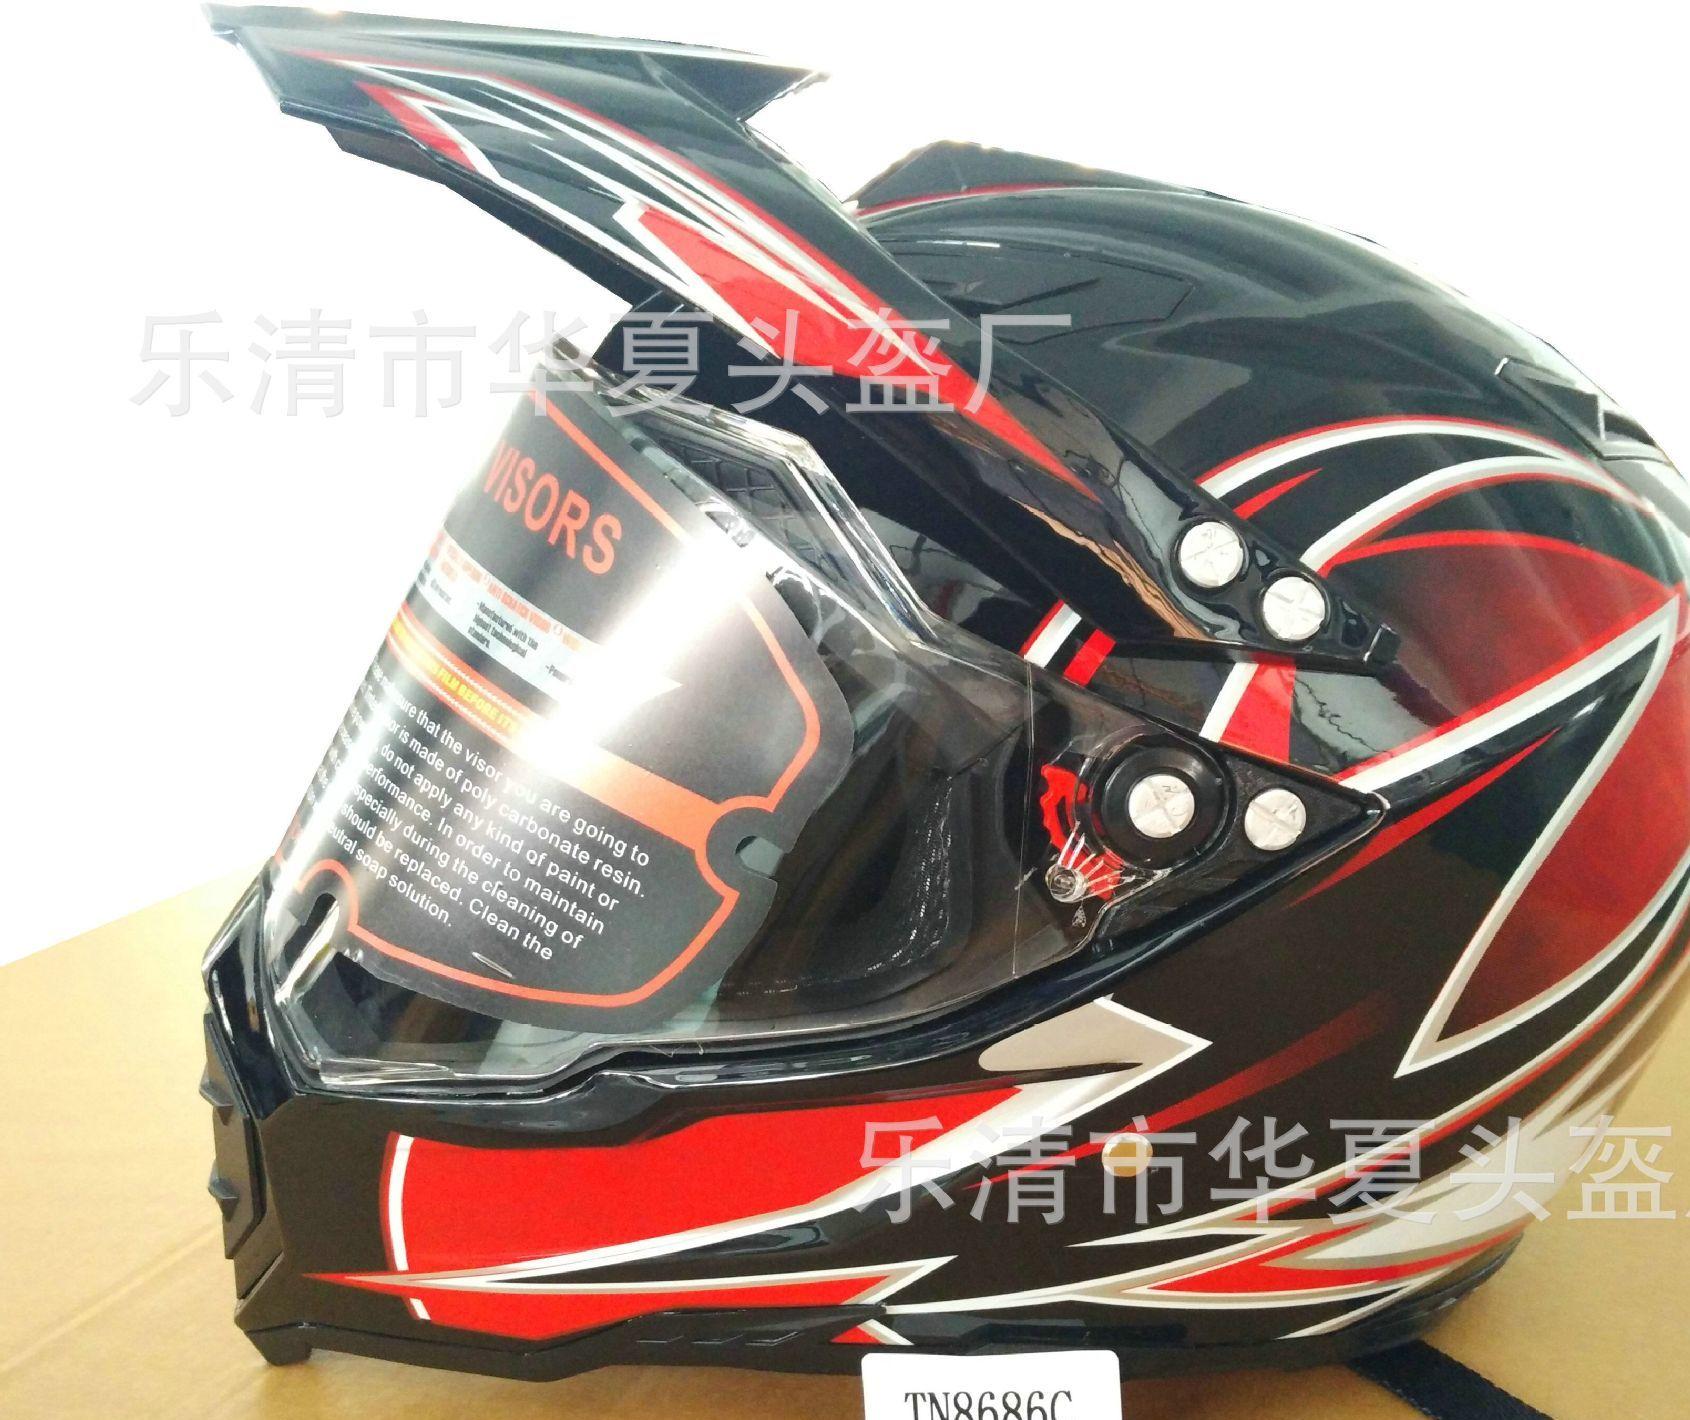 越野盔。road-cross helmet ABS材质,欧洲越野。摩托车头盔